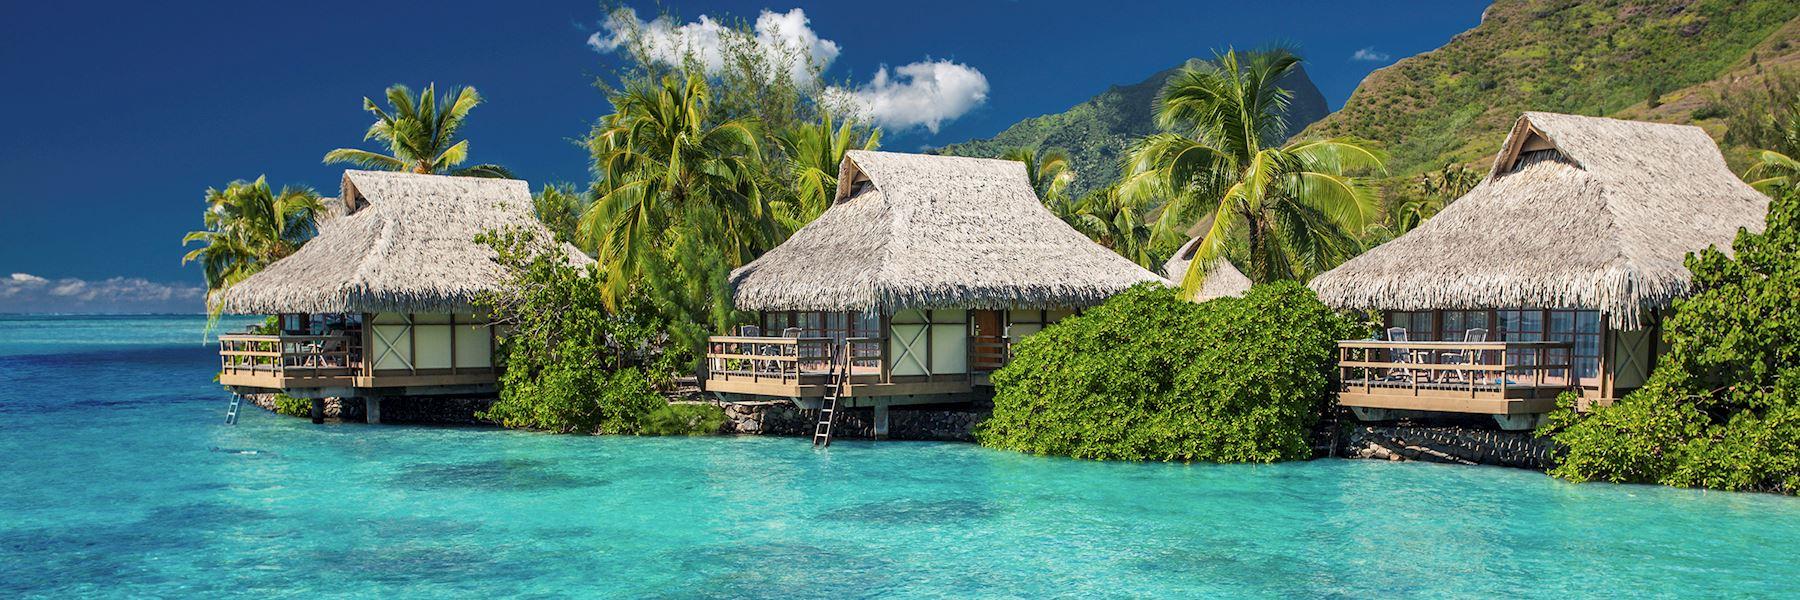 Moorea vacations